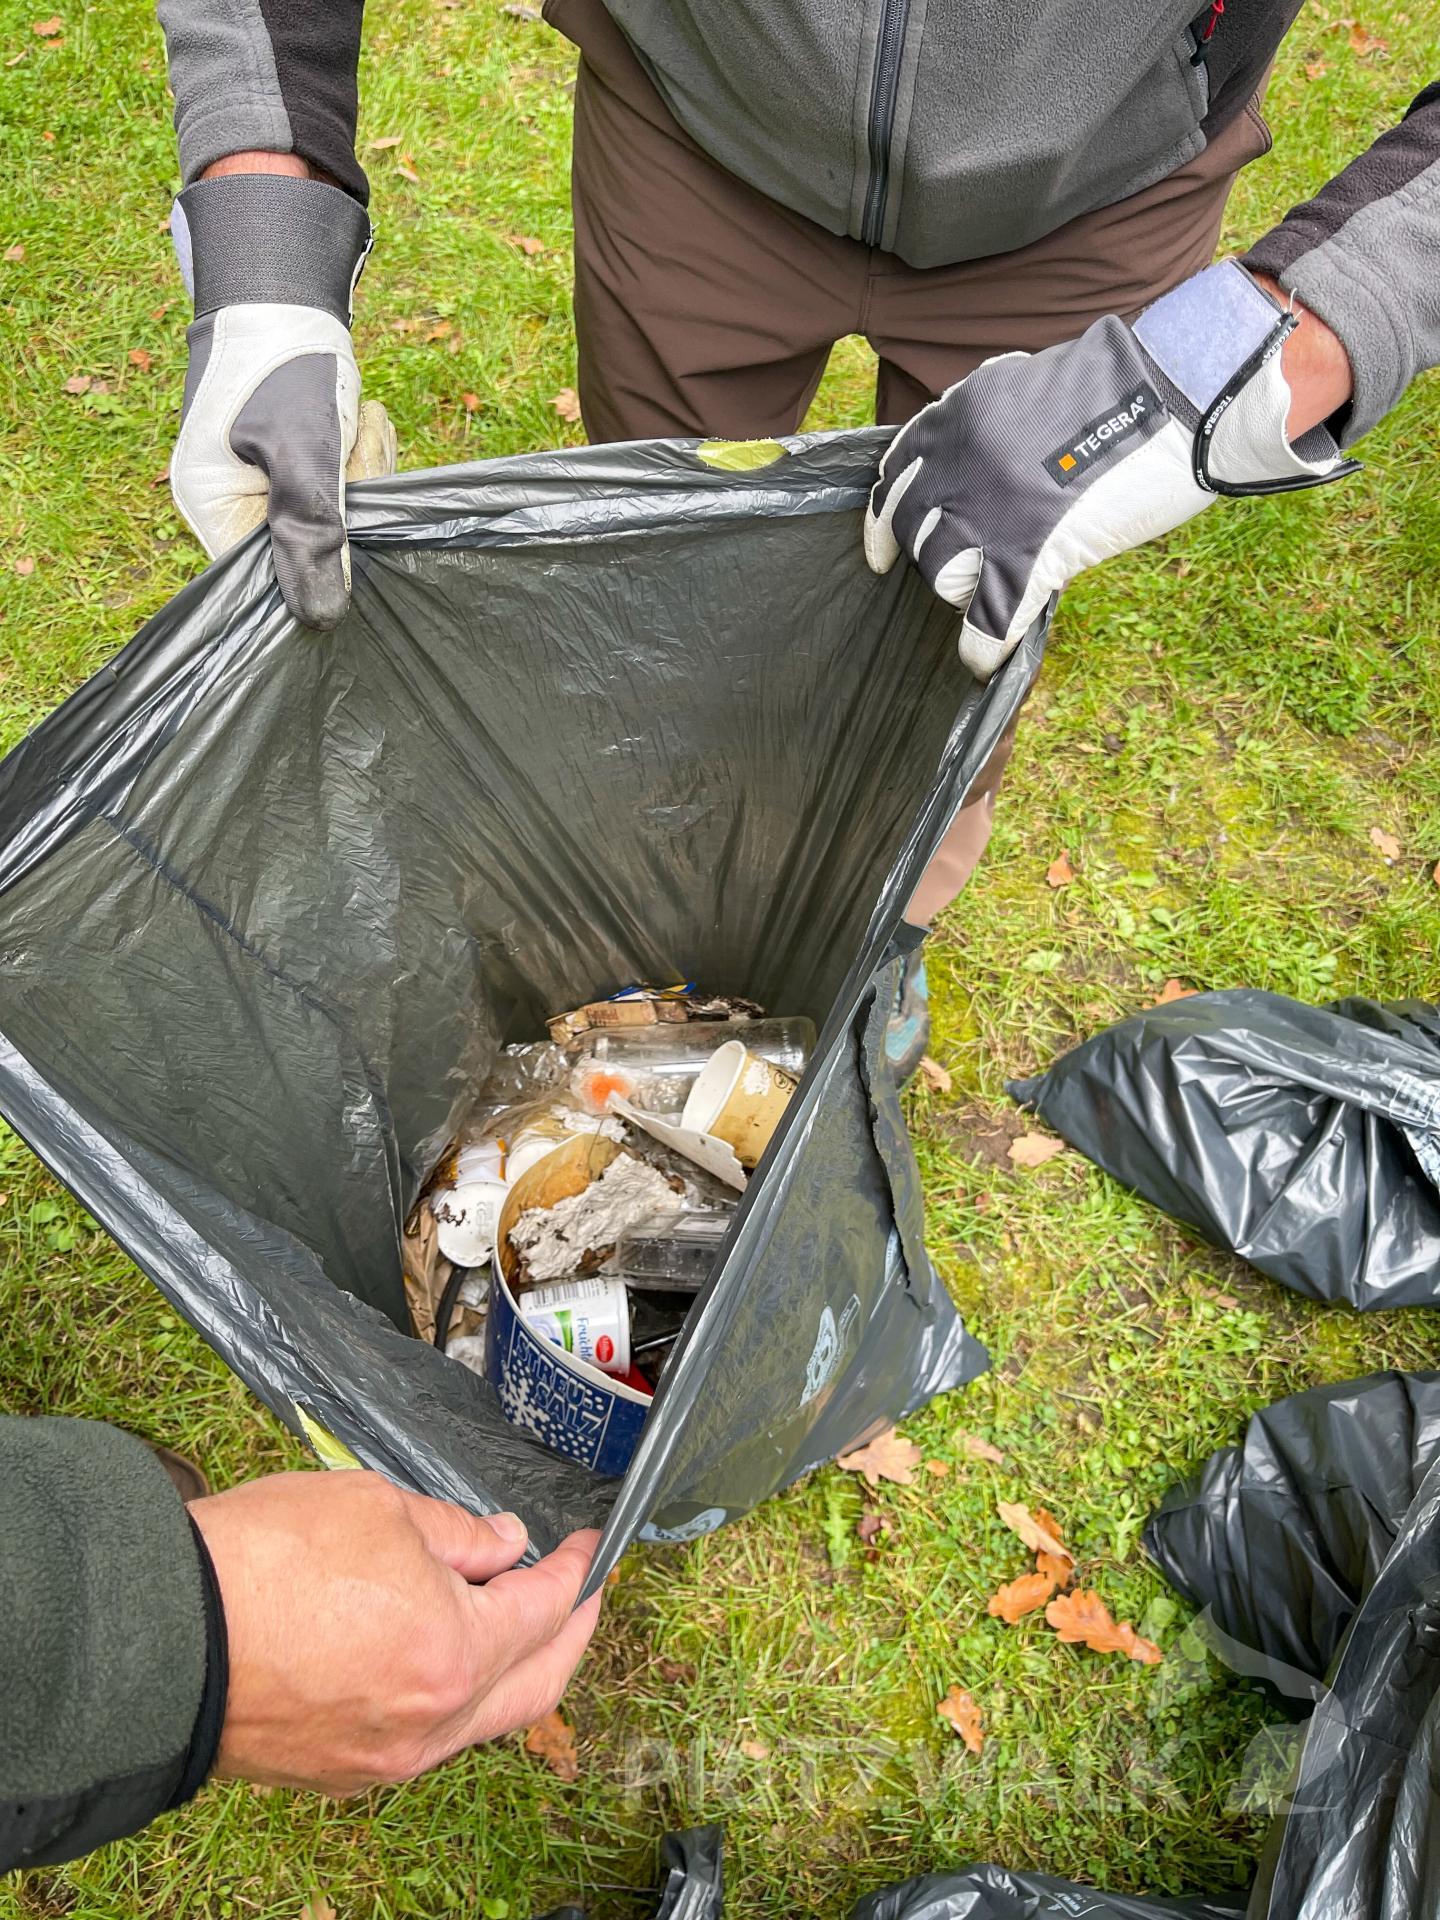 Etwa ein Kubikmeter Müll kam bei der Aktion im Wald zusammen. Foto: Jenny Miersch